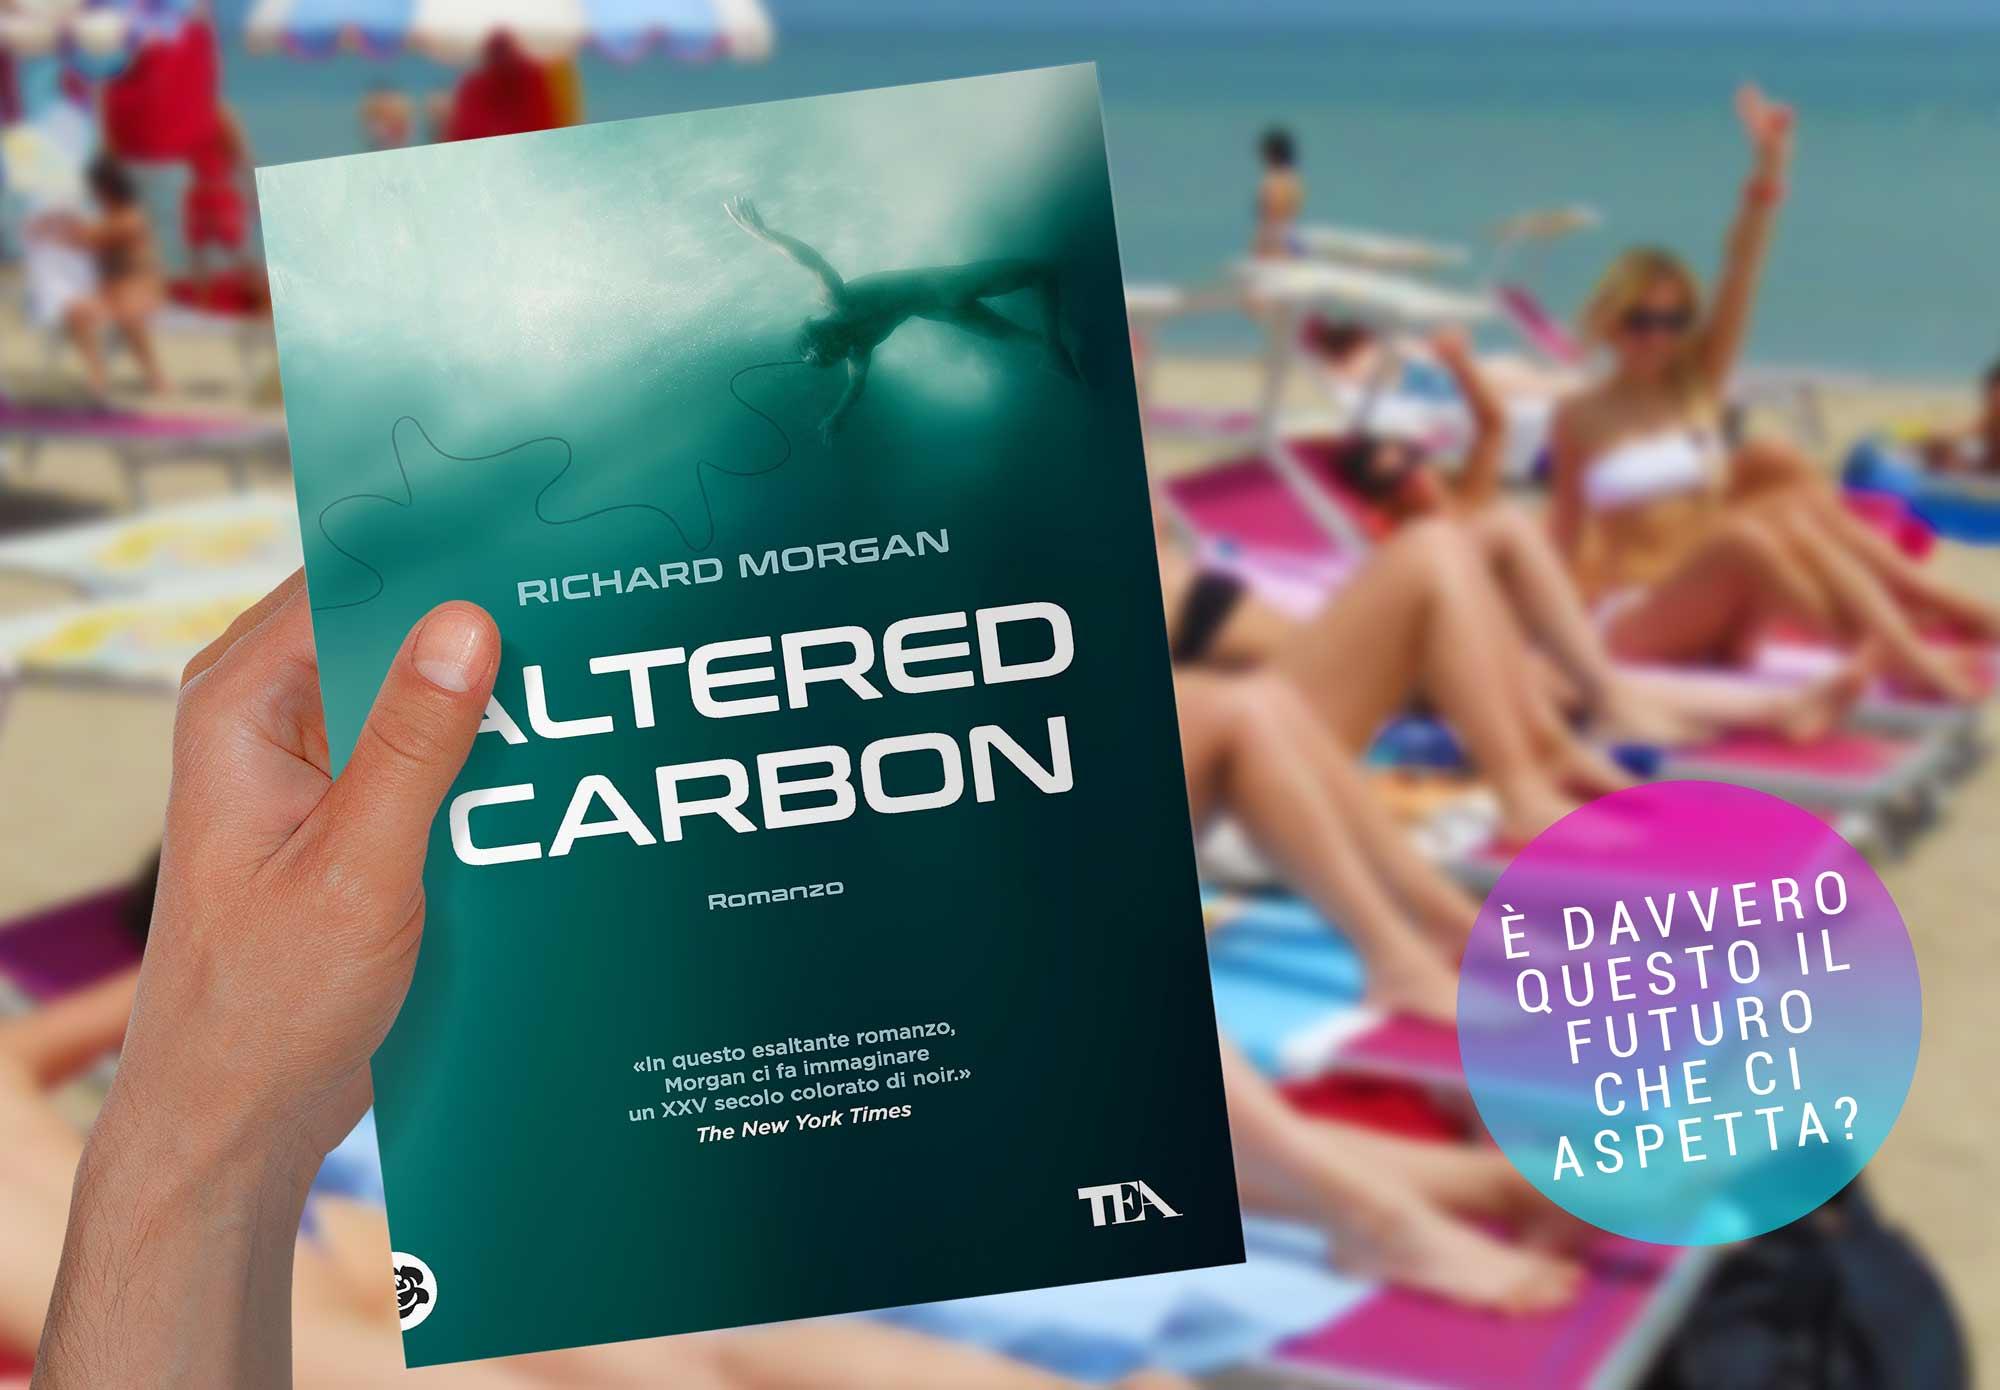 libro-fantascienza-da-portare-in-spiaggia